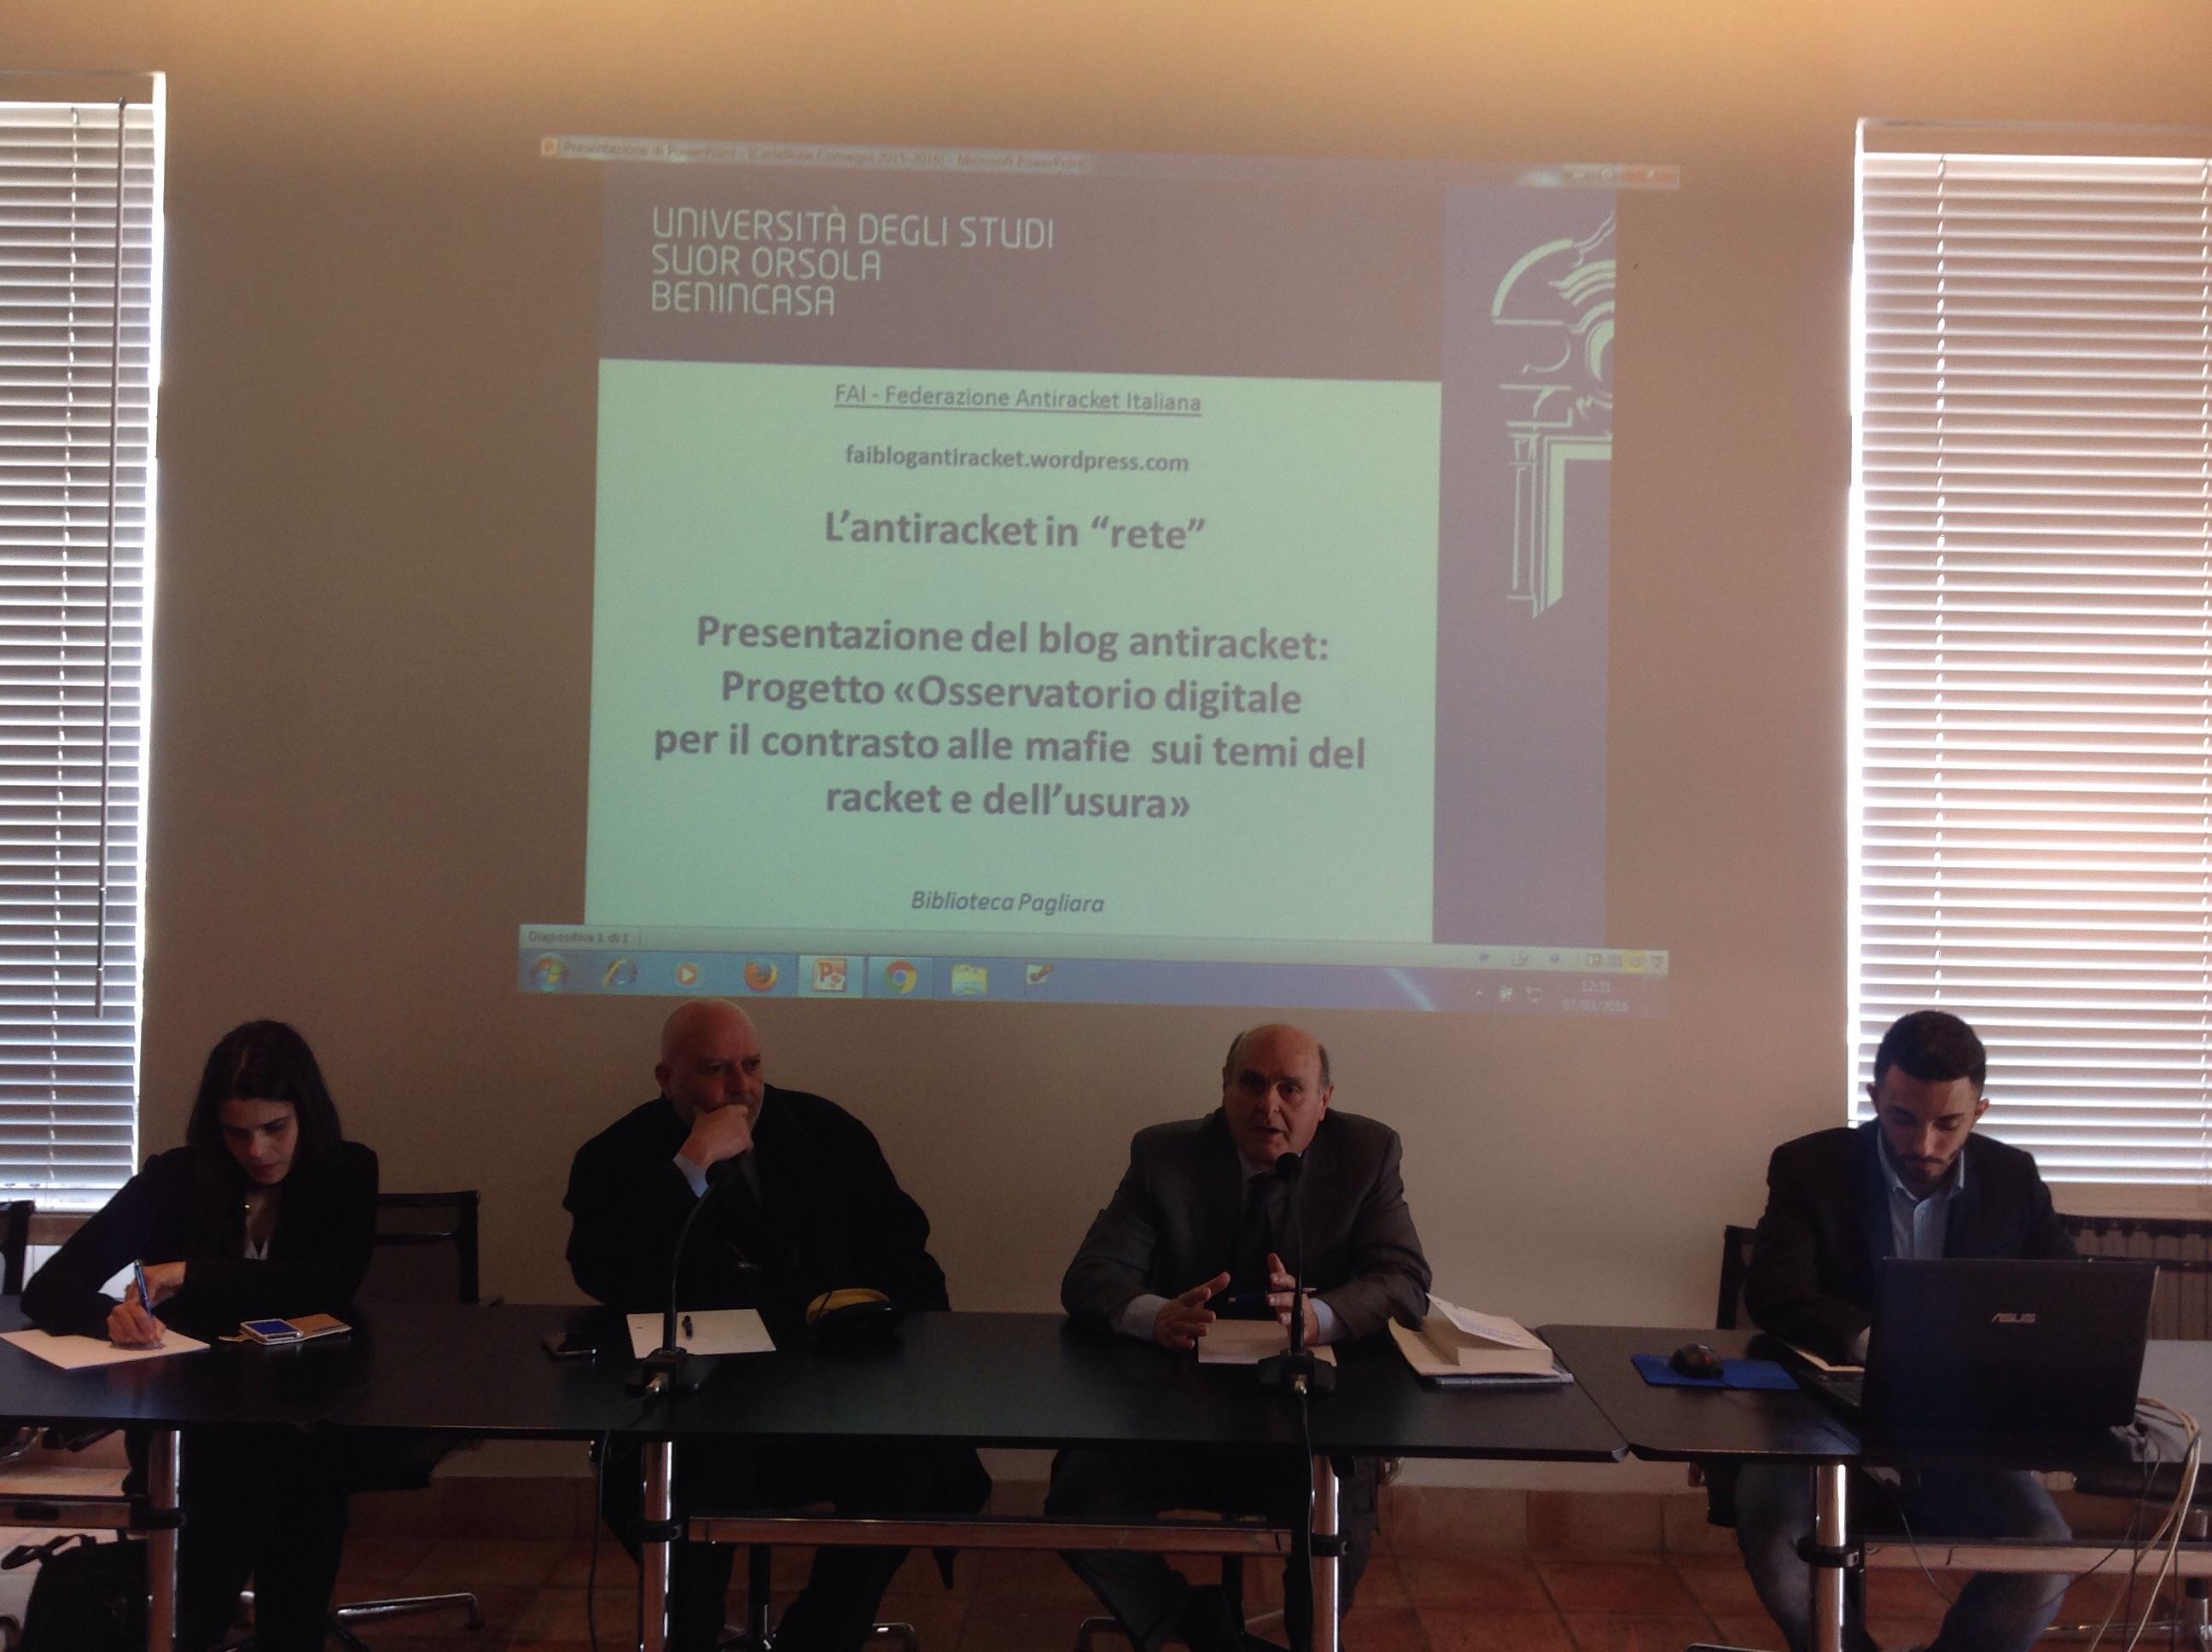 Napoli. Al Suor Orsola Benincasa la presentazione del nuovo Blog Antiracket della FAI